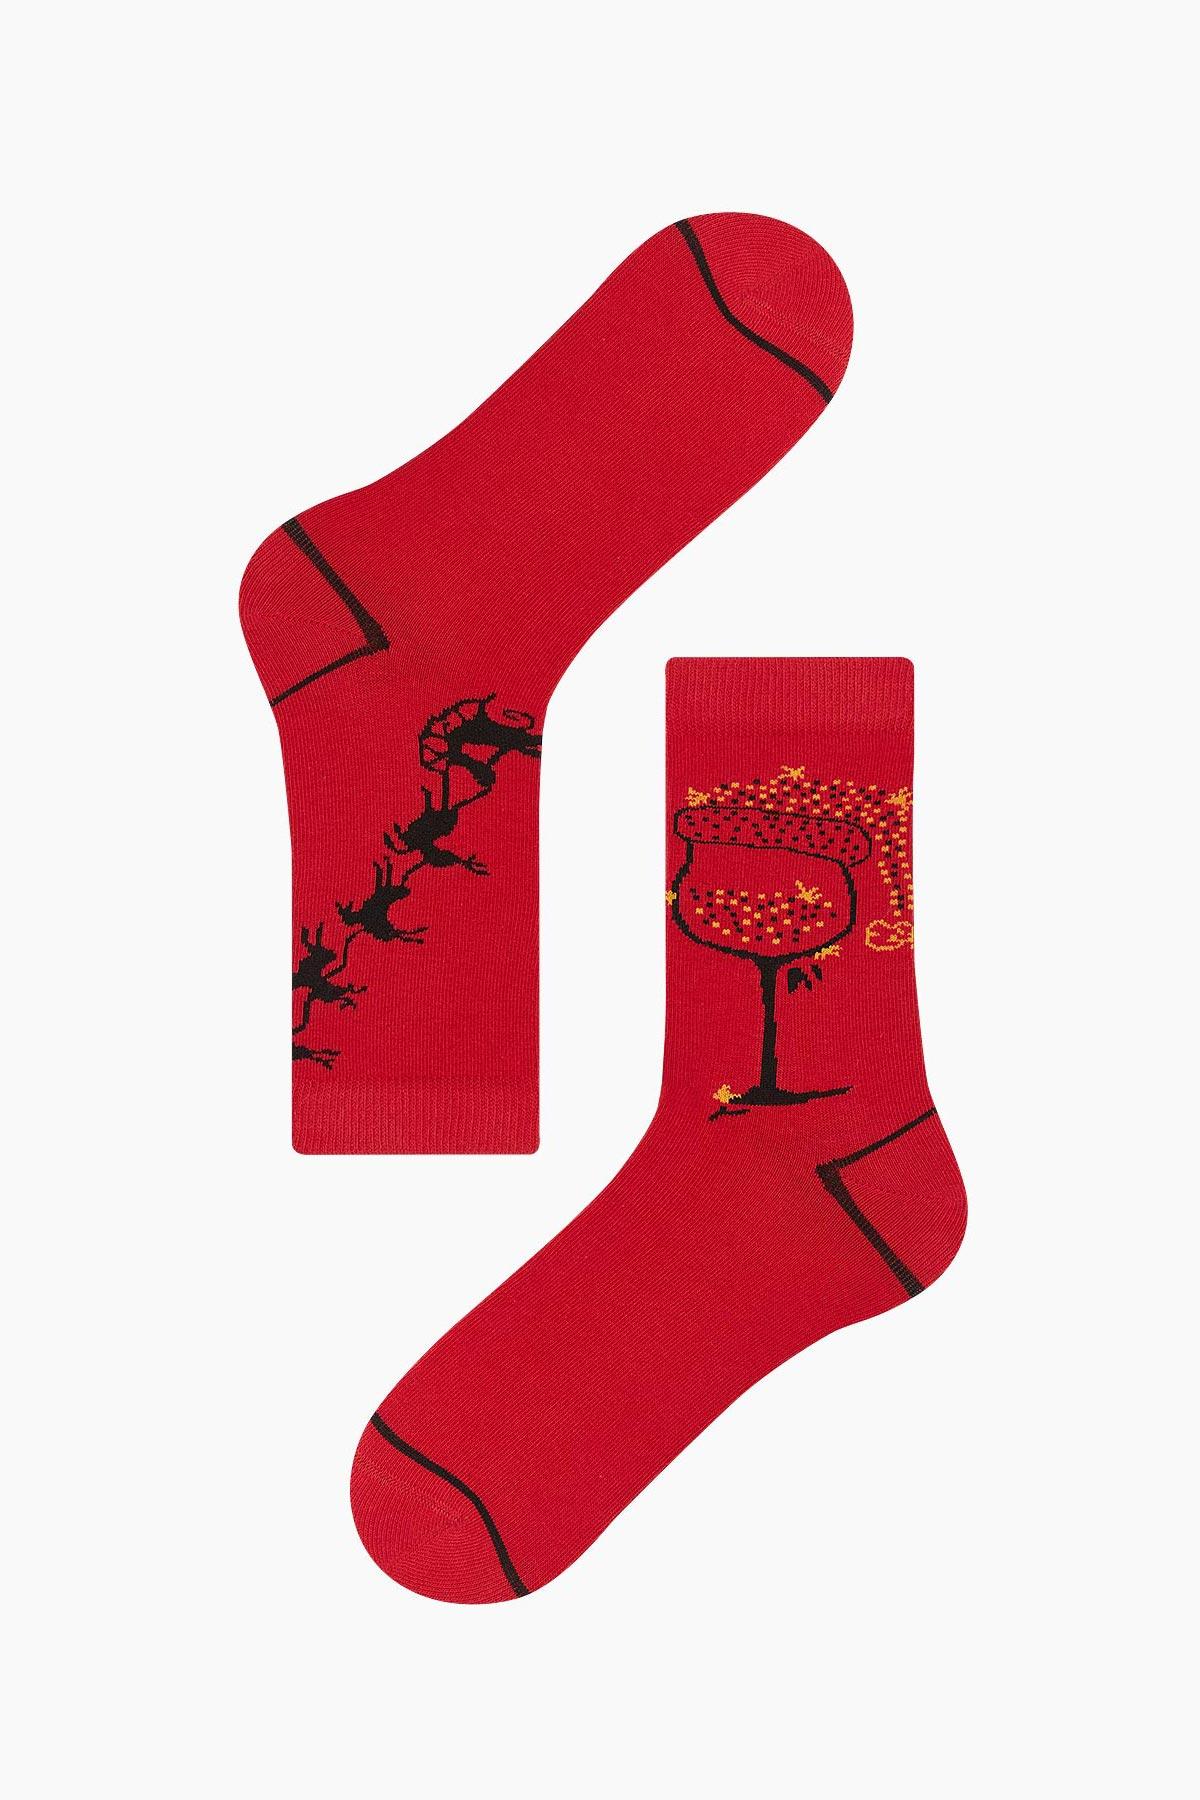 Bross Kutlama Desenli Yılbaşı Kadın Çorabı - Thumbnail